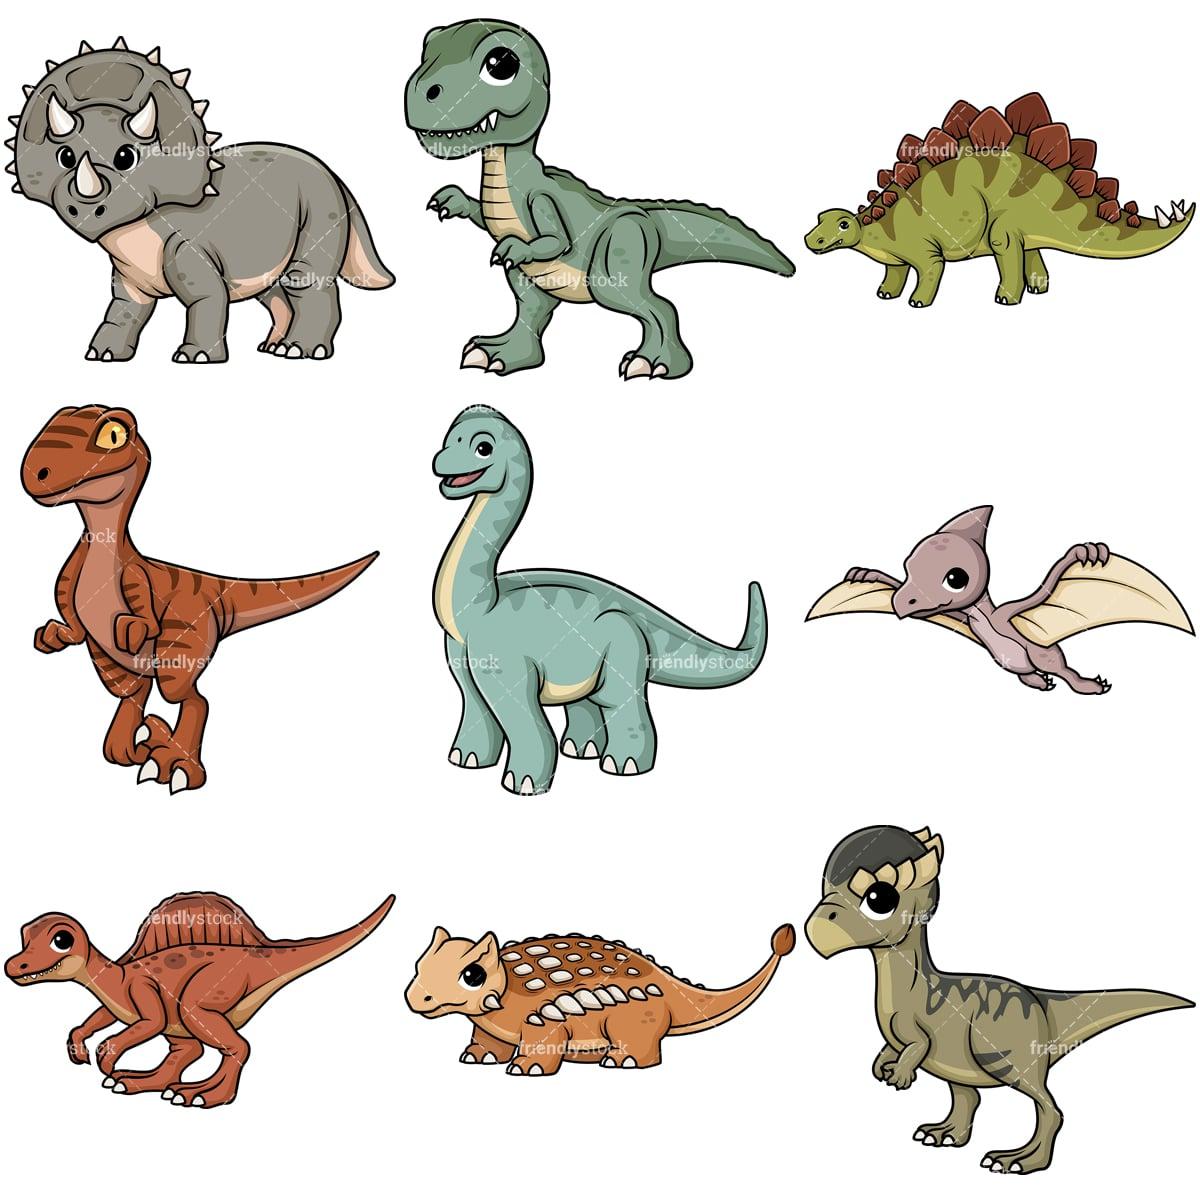 Cute Dinosaurs Cartoon Vector Clipart - FriendlyStock